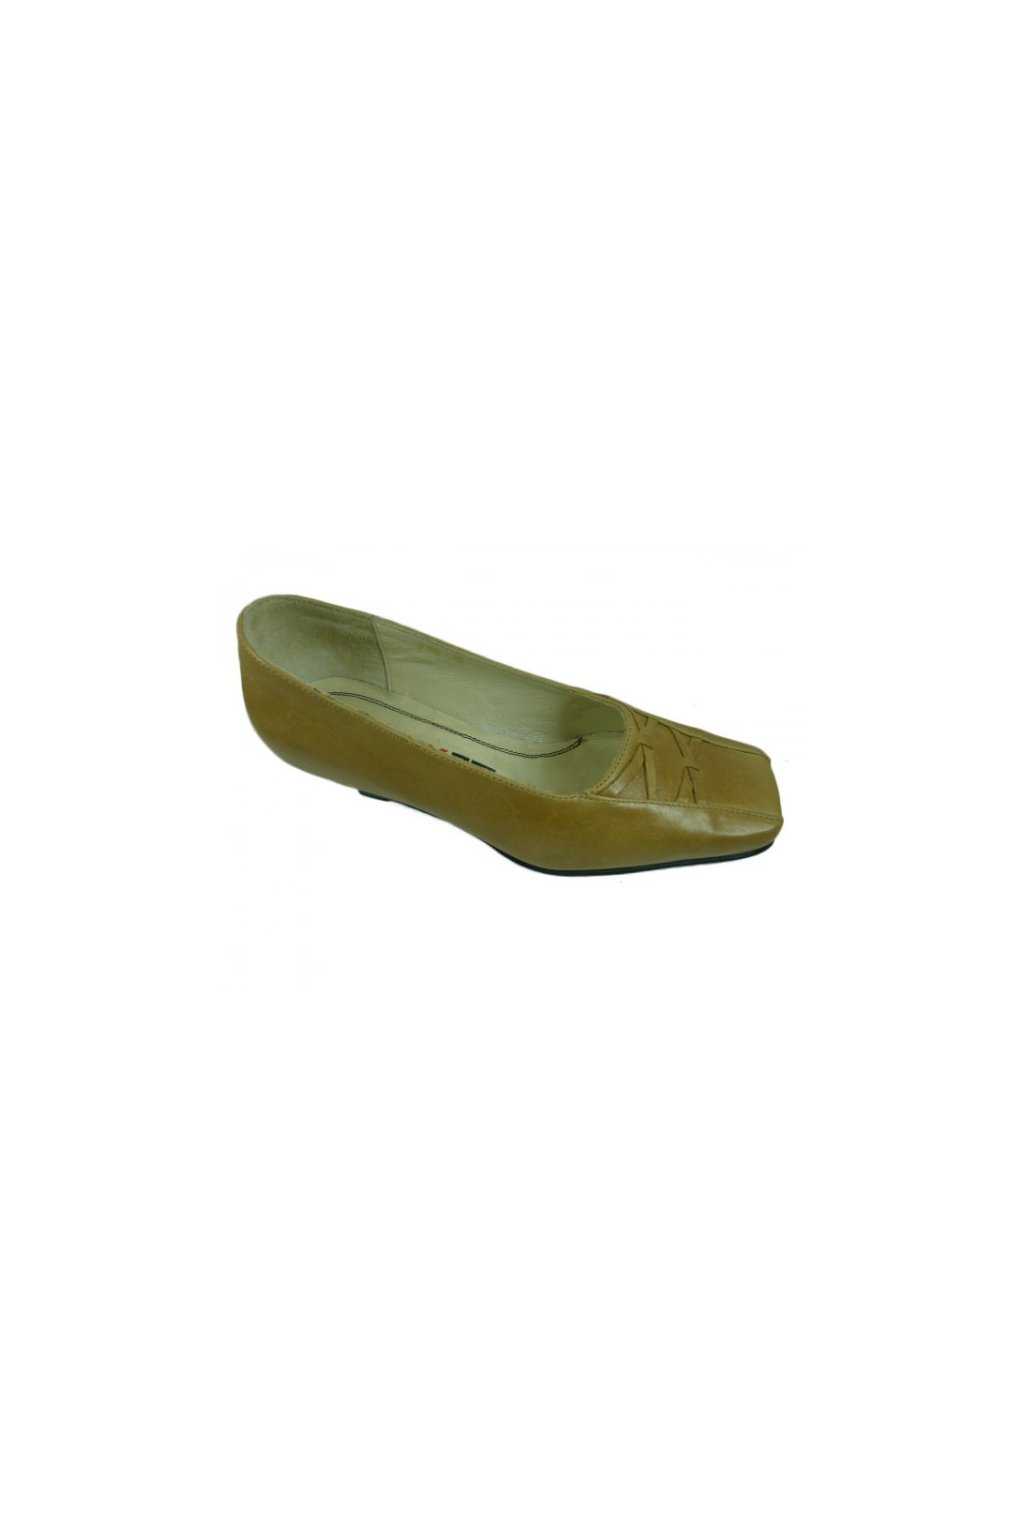 Podměrná dámská obuv Maxam 716